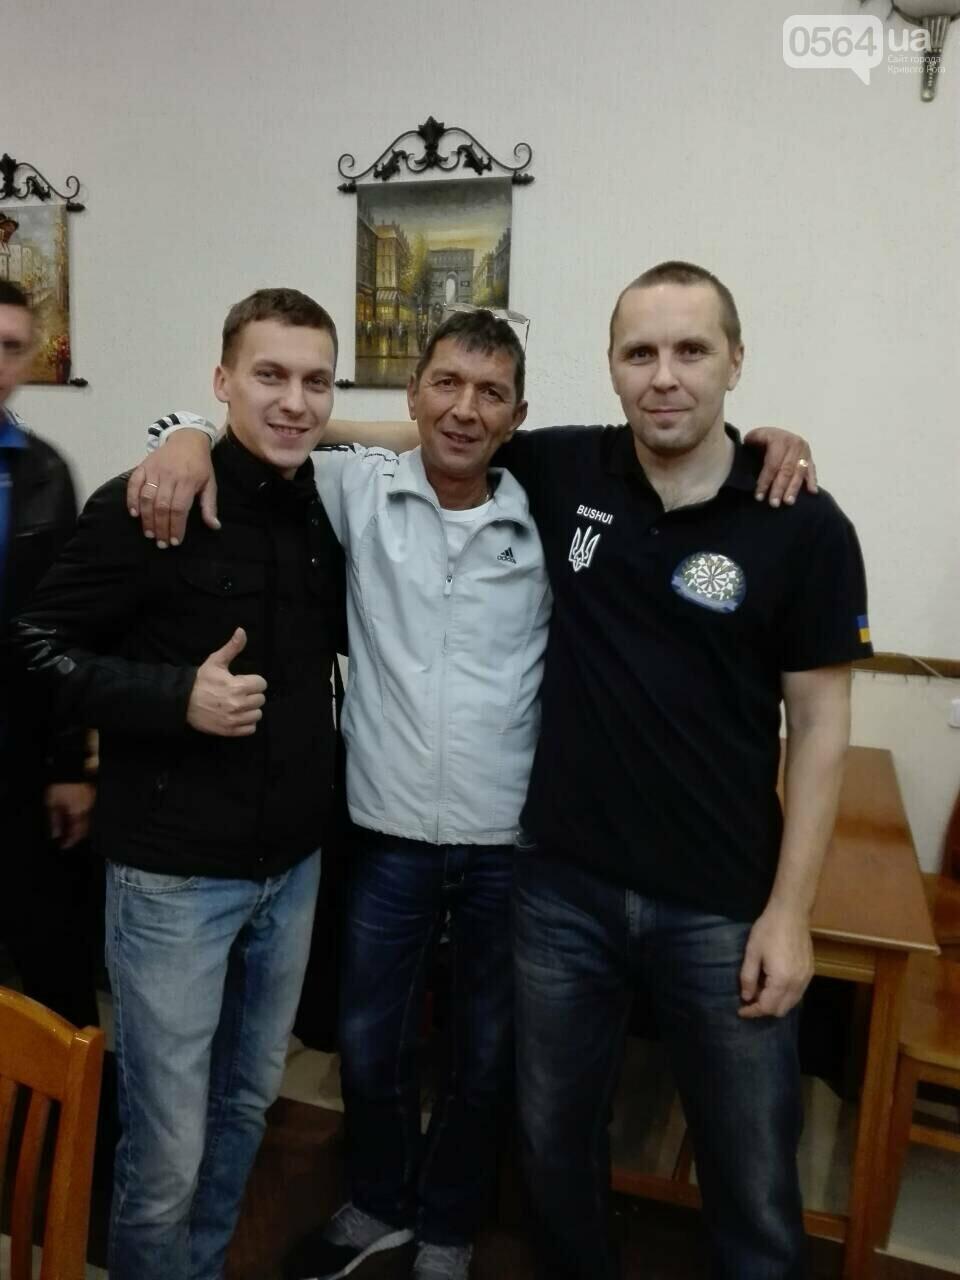 При поддержке ЧАО «СУХА БАЛКА» DCH в Кривом Роге прошли Х и ХІ этапы Кубка Украины по дартсу, фото-2